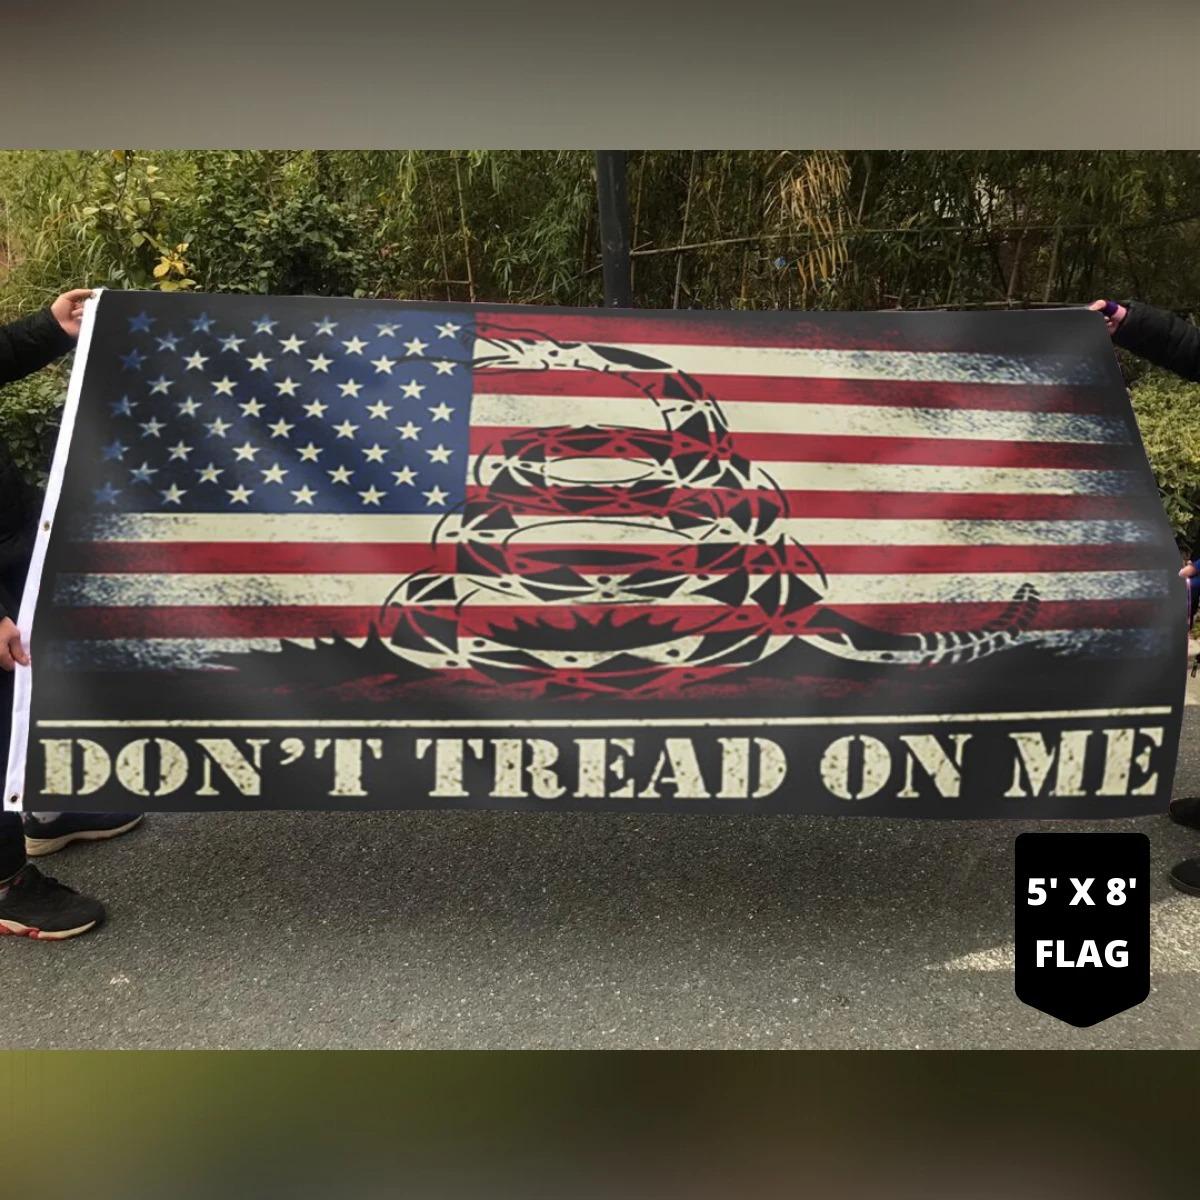 Snake Don't tread on me flag 11